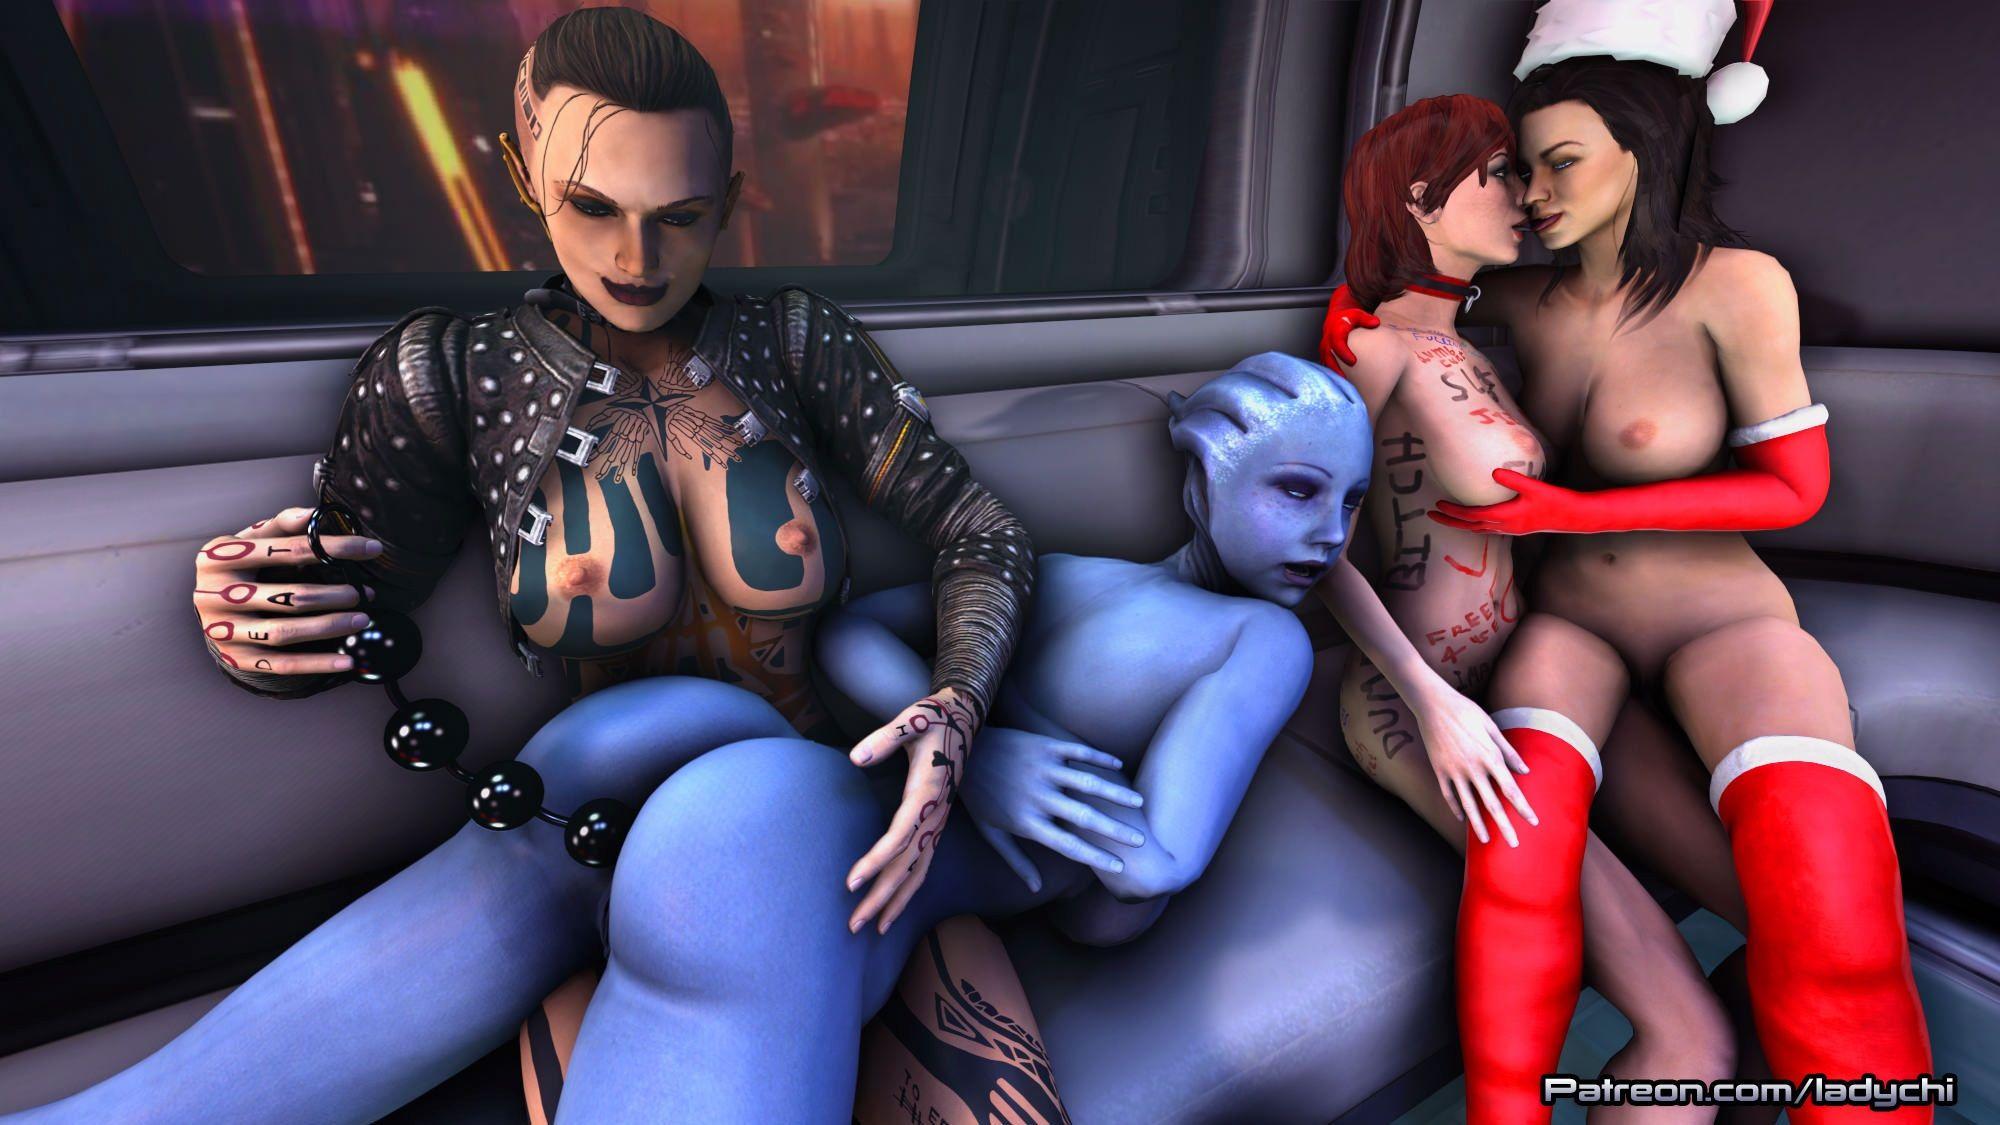 Liara_X-Mass_Gifts!_Ladychi_(Mass_Effect) comix_57954.jpg